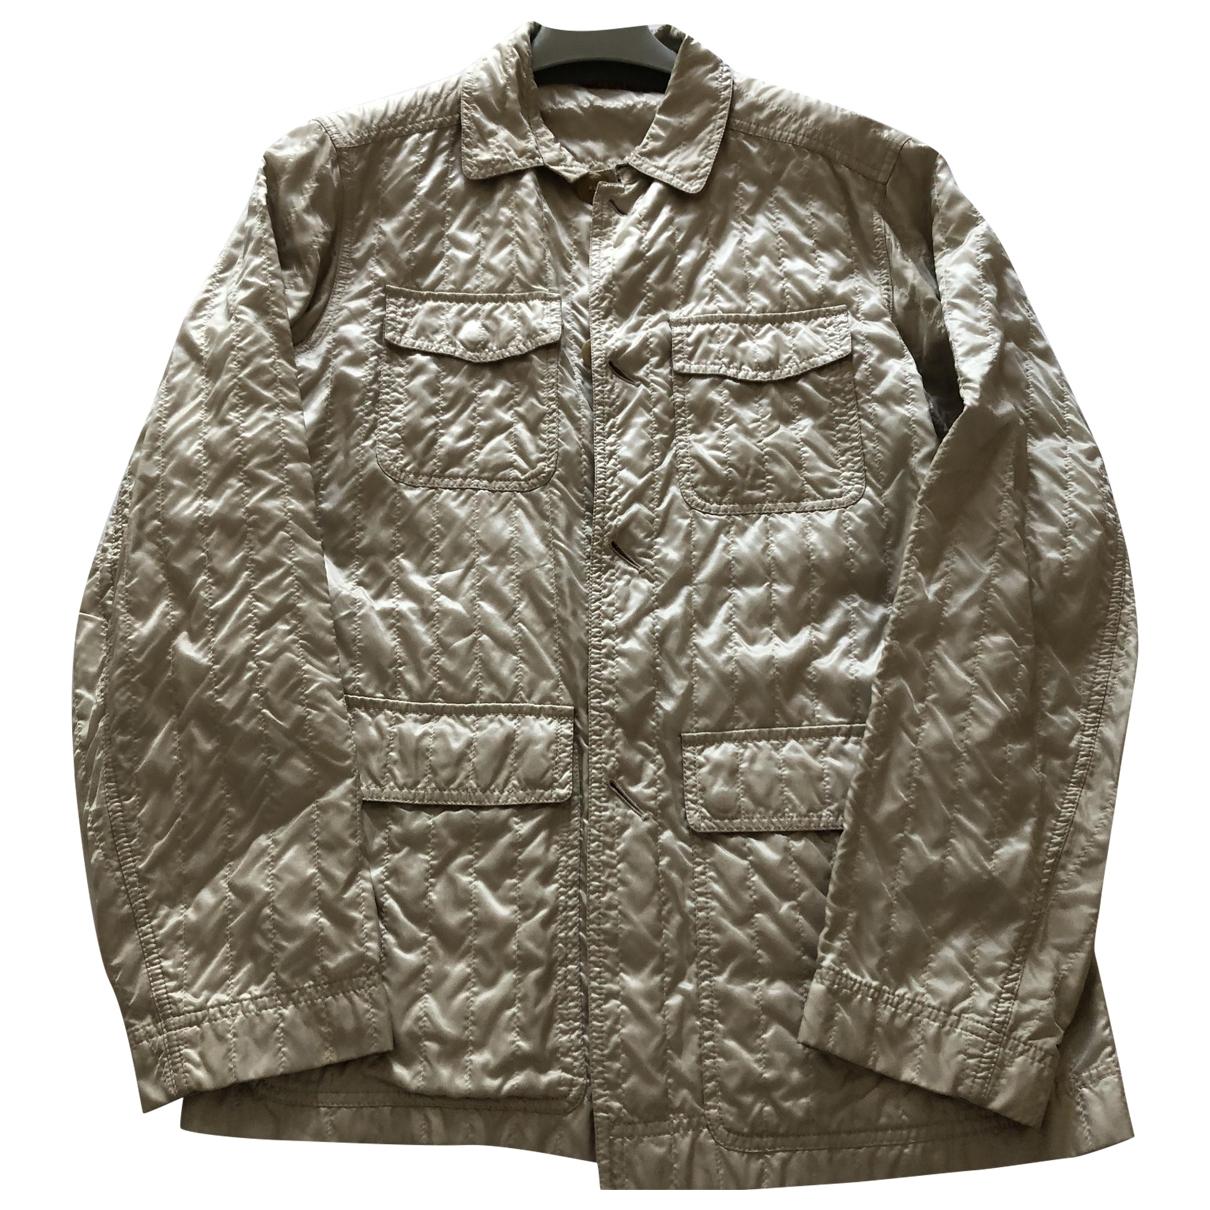 Prada \N Beige jacket  for Men 48 IT